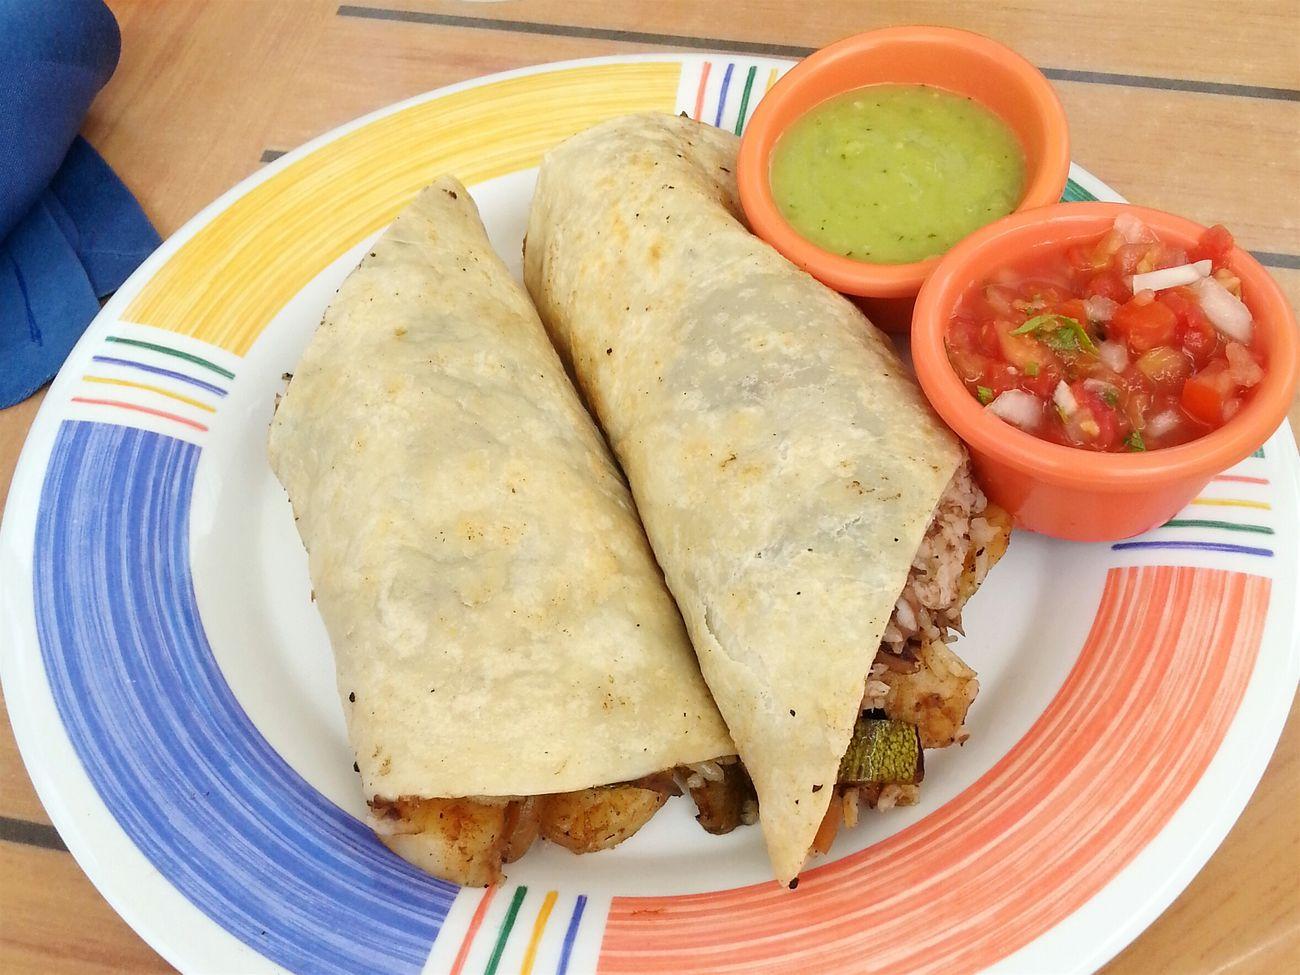 Travel Cancun☀ Mexico Food Guacamole PicoDeGallo Shrimpwrap